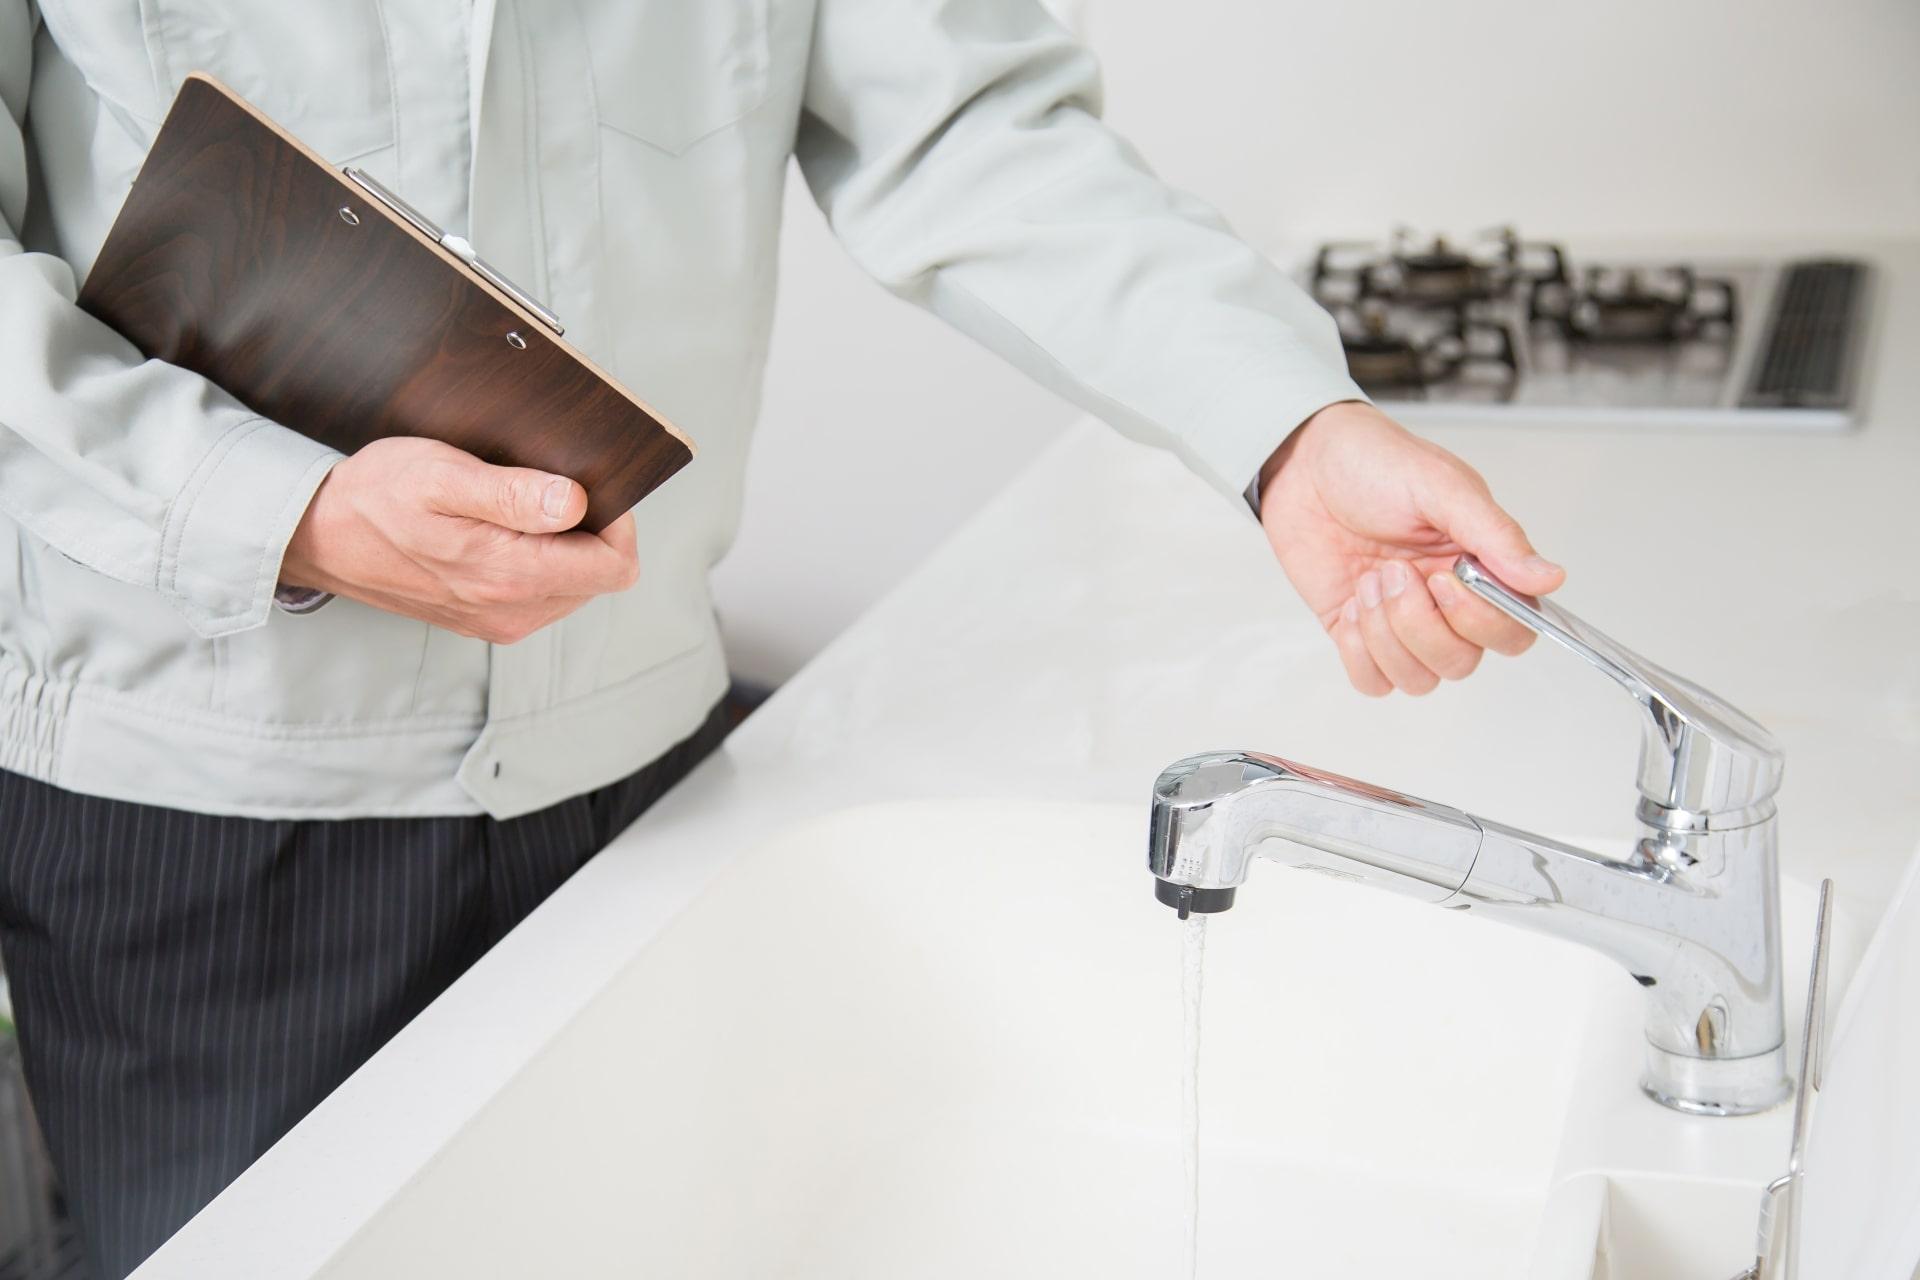 【リフォーム会社の選び方】点検商法に注意!